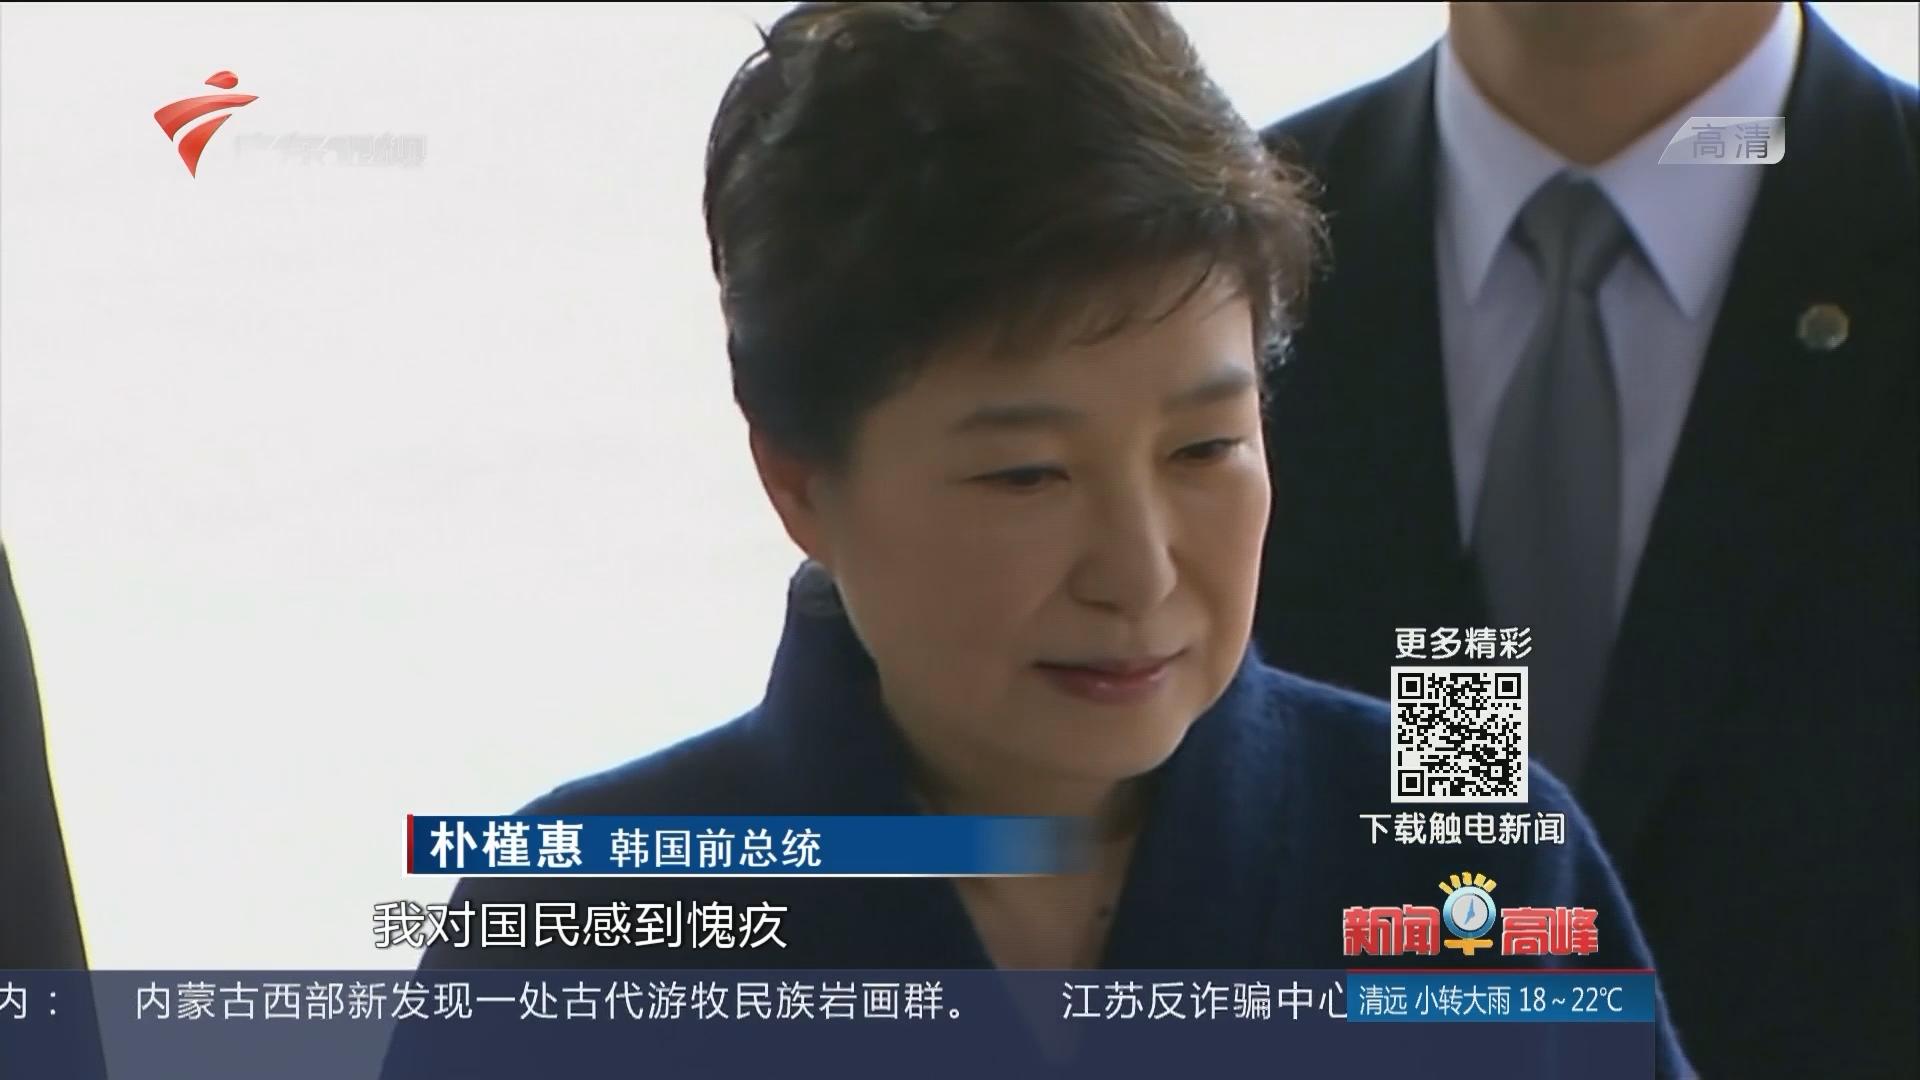 朴槿惠昨日受讯 真相还有多远?朴槿惠神情淡定向国民致歉